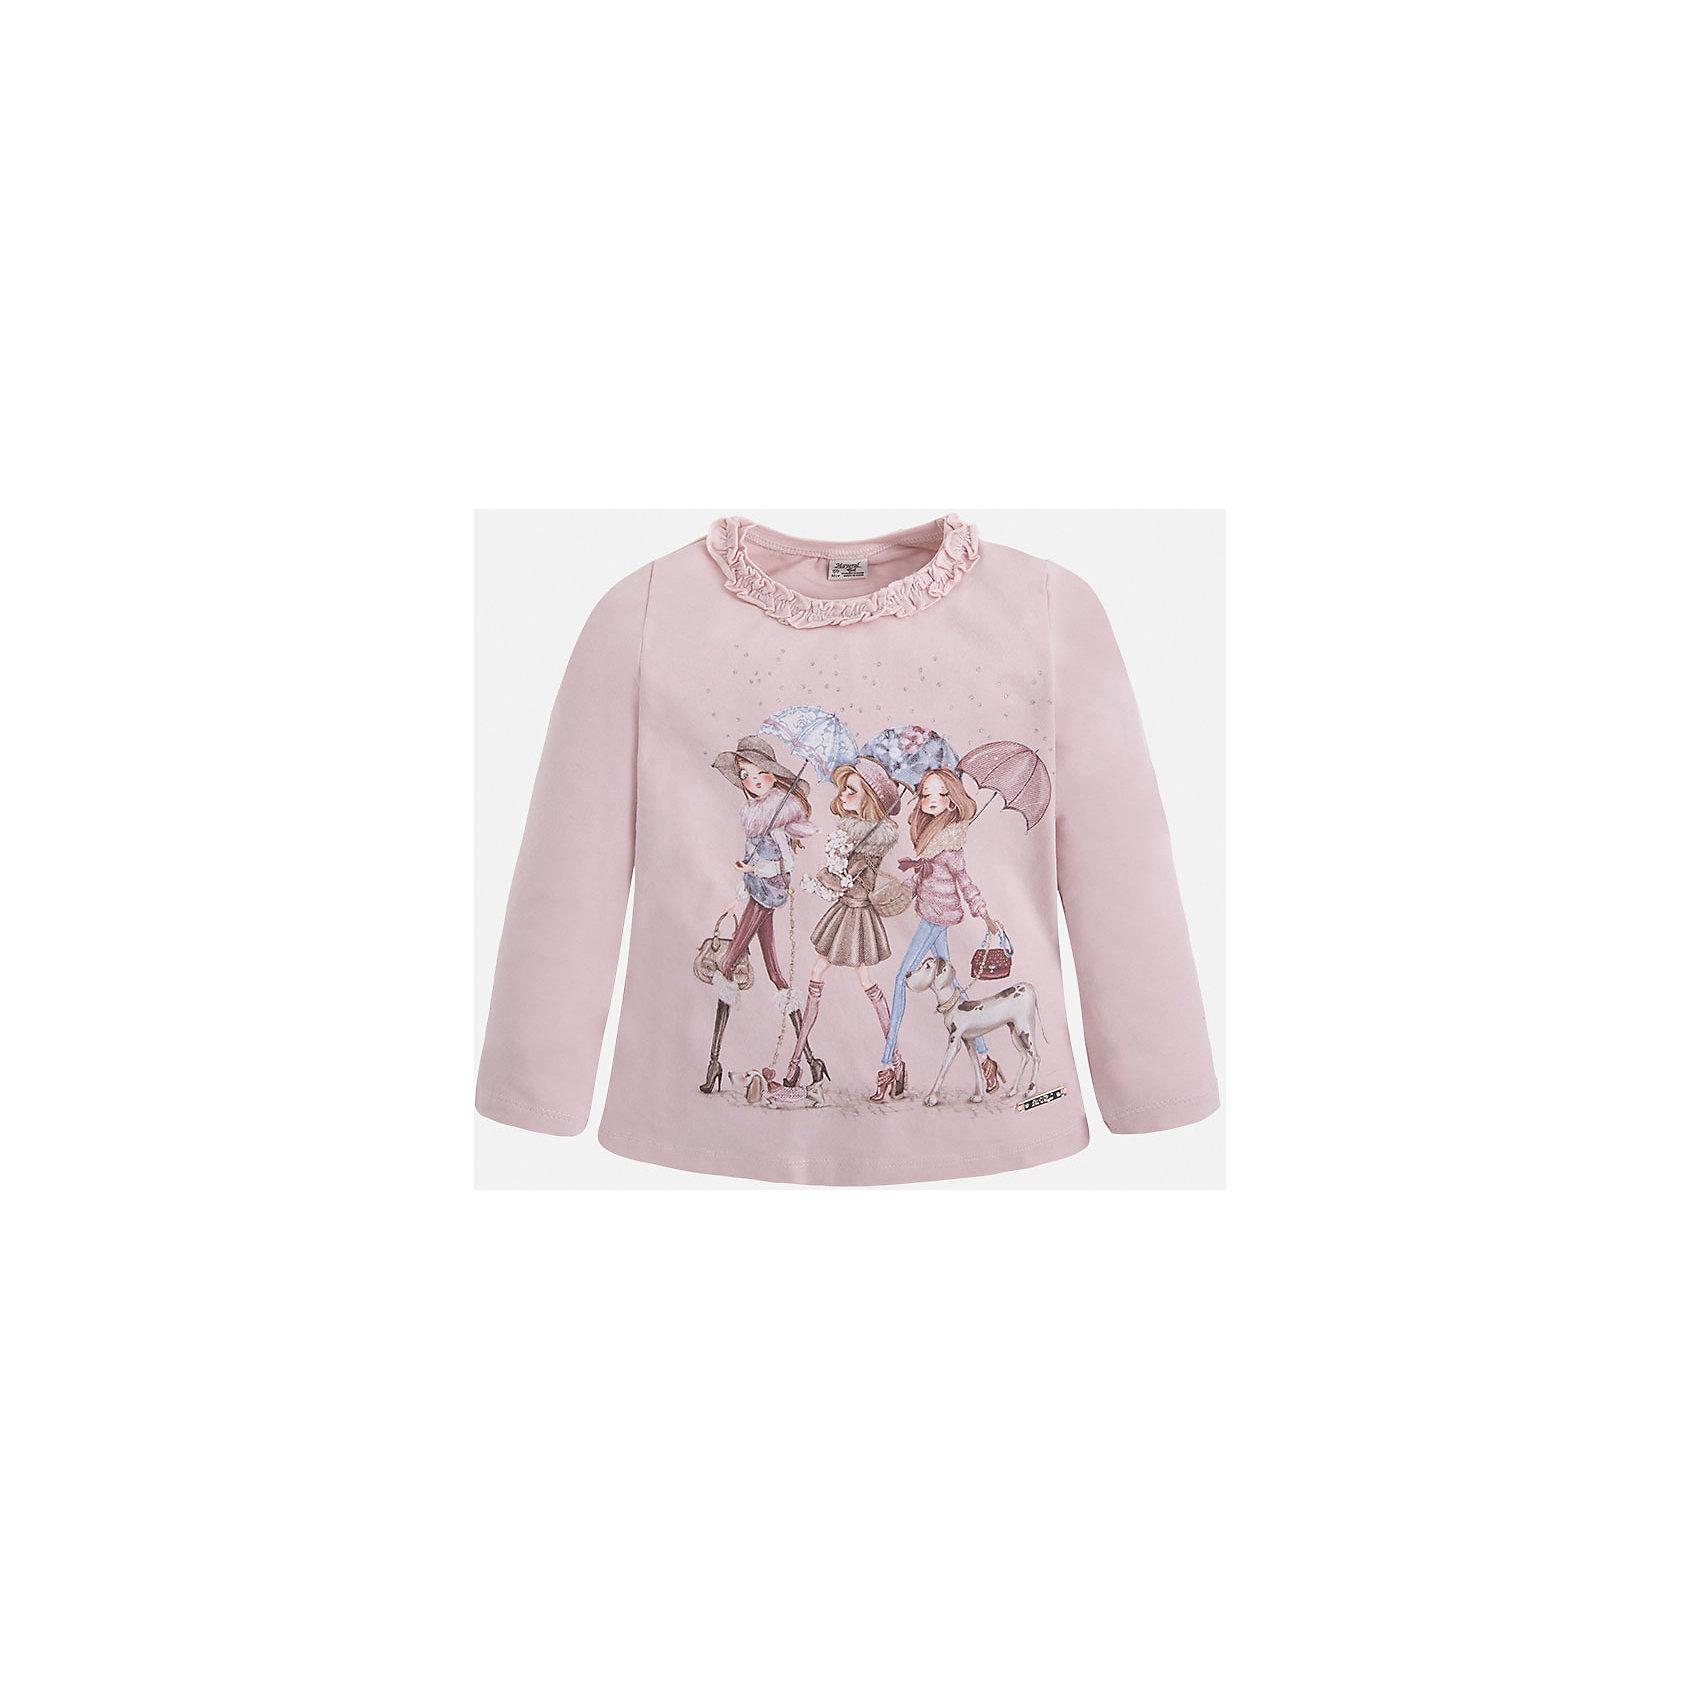 Футболка для девочки MayoralФутболка с длинным рукавом для девочки от известного испанского бренда Mayoral(Майорал). Модель изготовлена из трикотажной ткани с добавлением лайкры. Спереди футболка украшена красивым принтом и оборками вокруг ворота. Отлично подойдет для повседневной носки!<br><br>Дополнительная информация: <br>Состав: 92% хлопок, 8% эластан<br>Цвет: розовый<br>Вы можете приобрести футболку для девочки Mayoral(Майорал) в нашем интернет-магазине.<br><br>Ширина мм: 199<br>Глубина мм: 10<br>Высота мм: 161<br>Вес г: 151<br>Цвет: розовый<br>Возраст от месяцев: 18<br>Возраст до месяцев: 24<br>Пол: Женский<br>Возраст: Детский<br>Размер: 92,134,122,116,104,110,128,98<br>SKU: 4846405